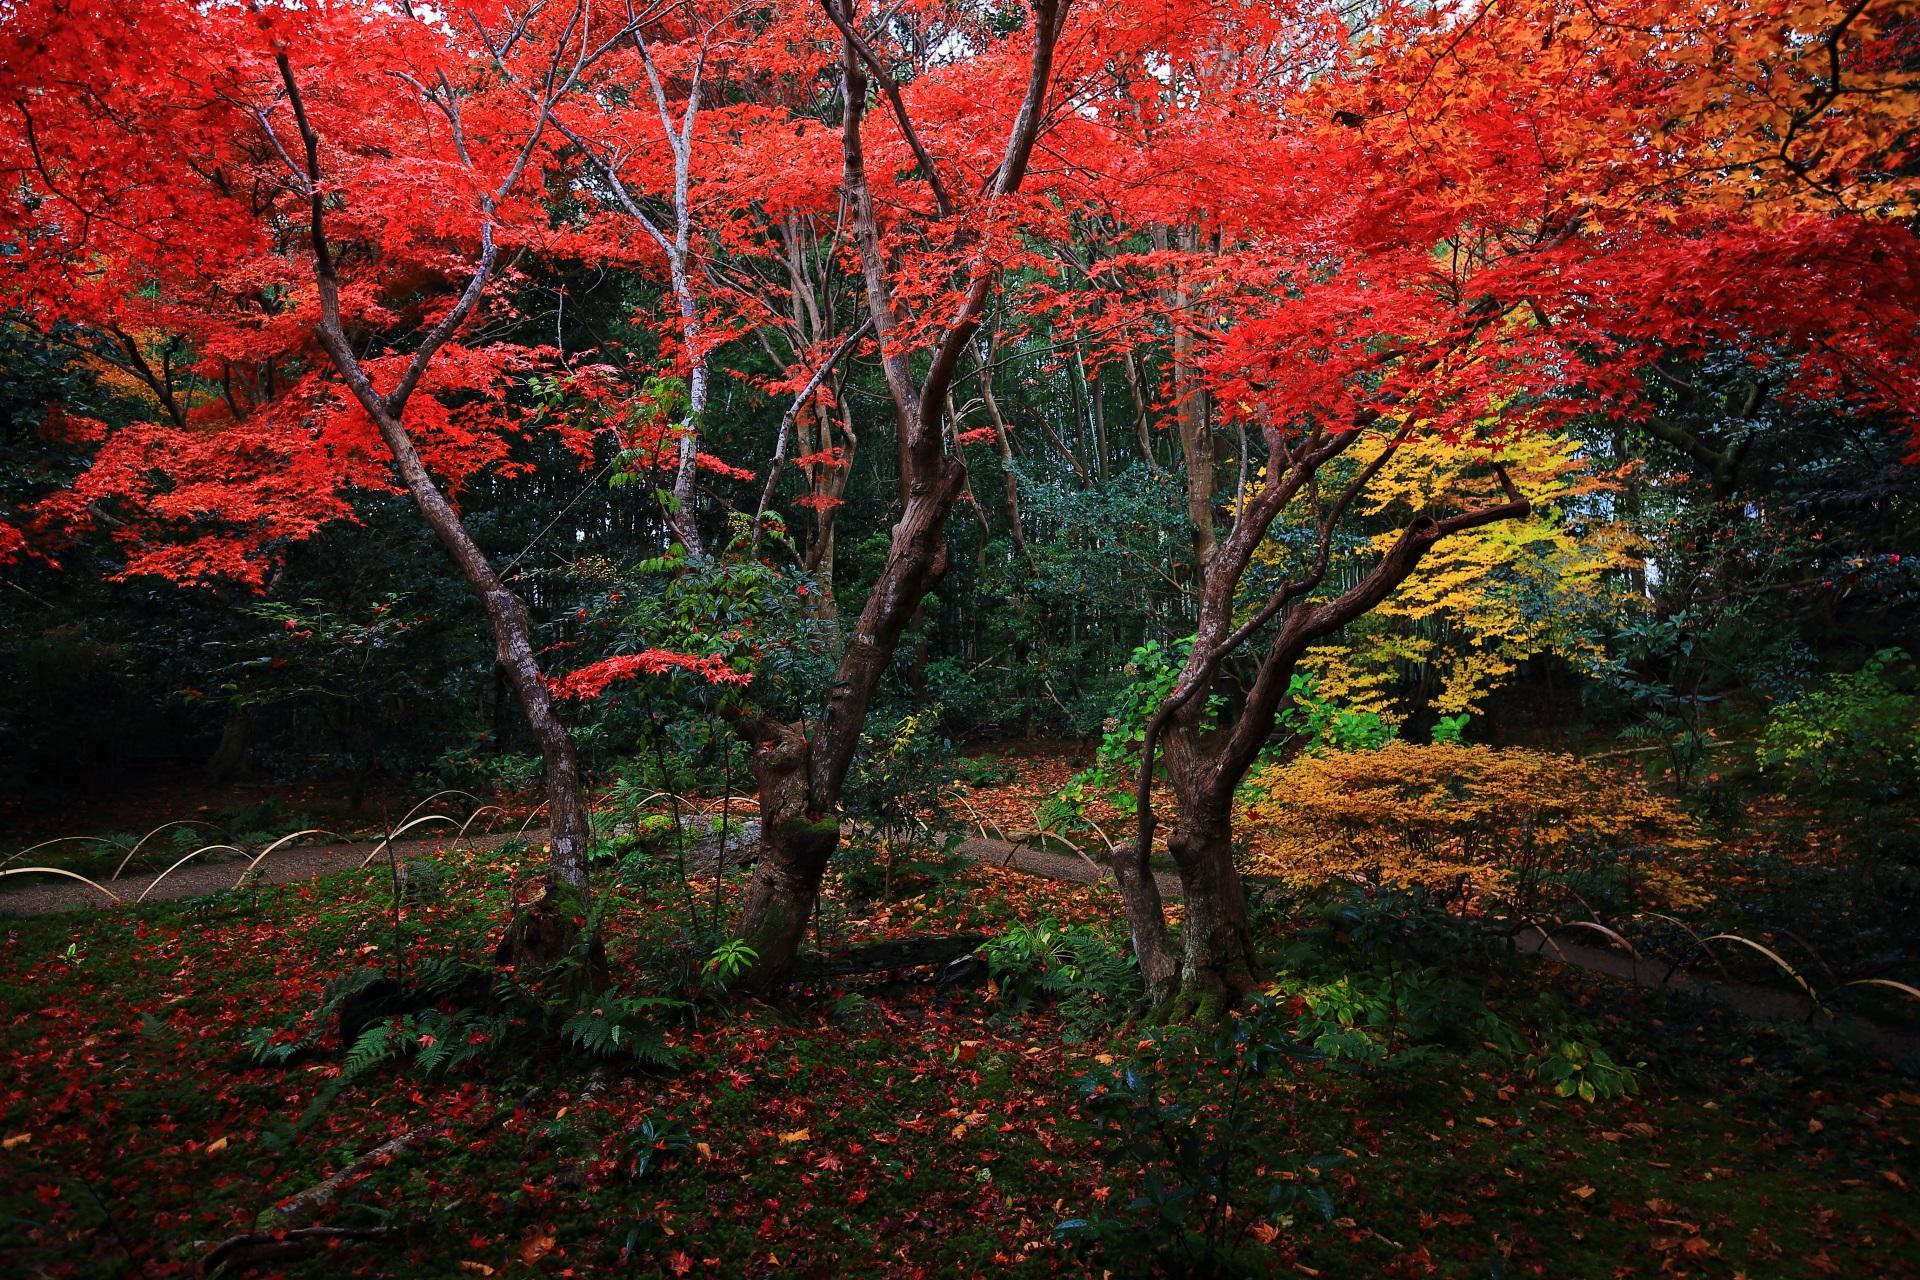 厭離庵の雨上がりの庭園をしっとりと染める鮮烈な色合いの紅葉